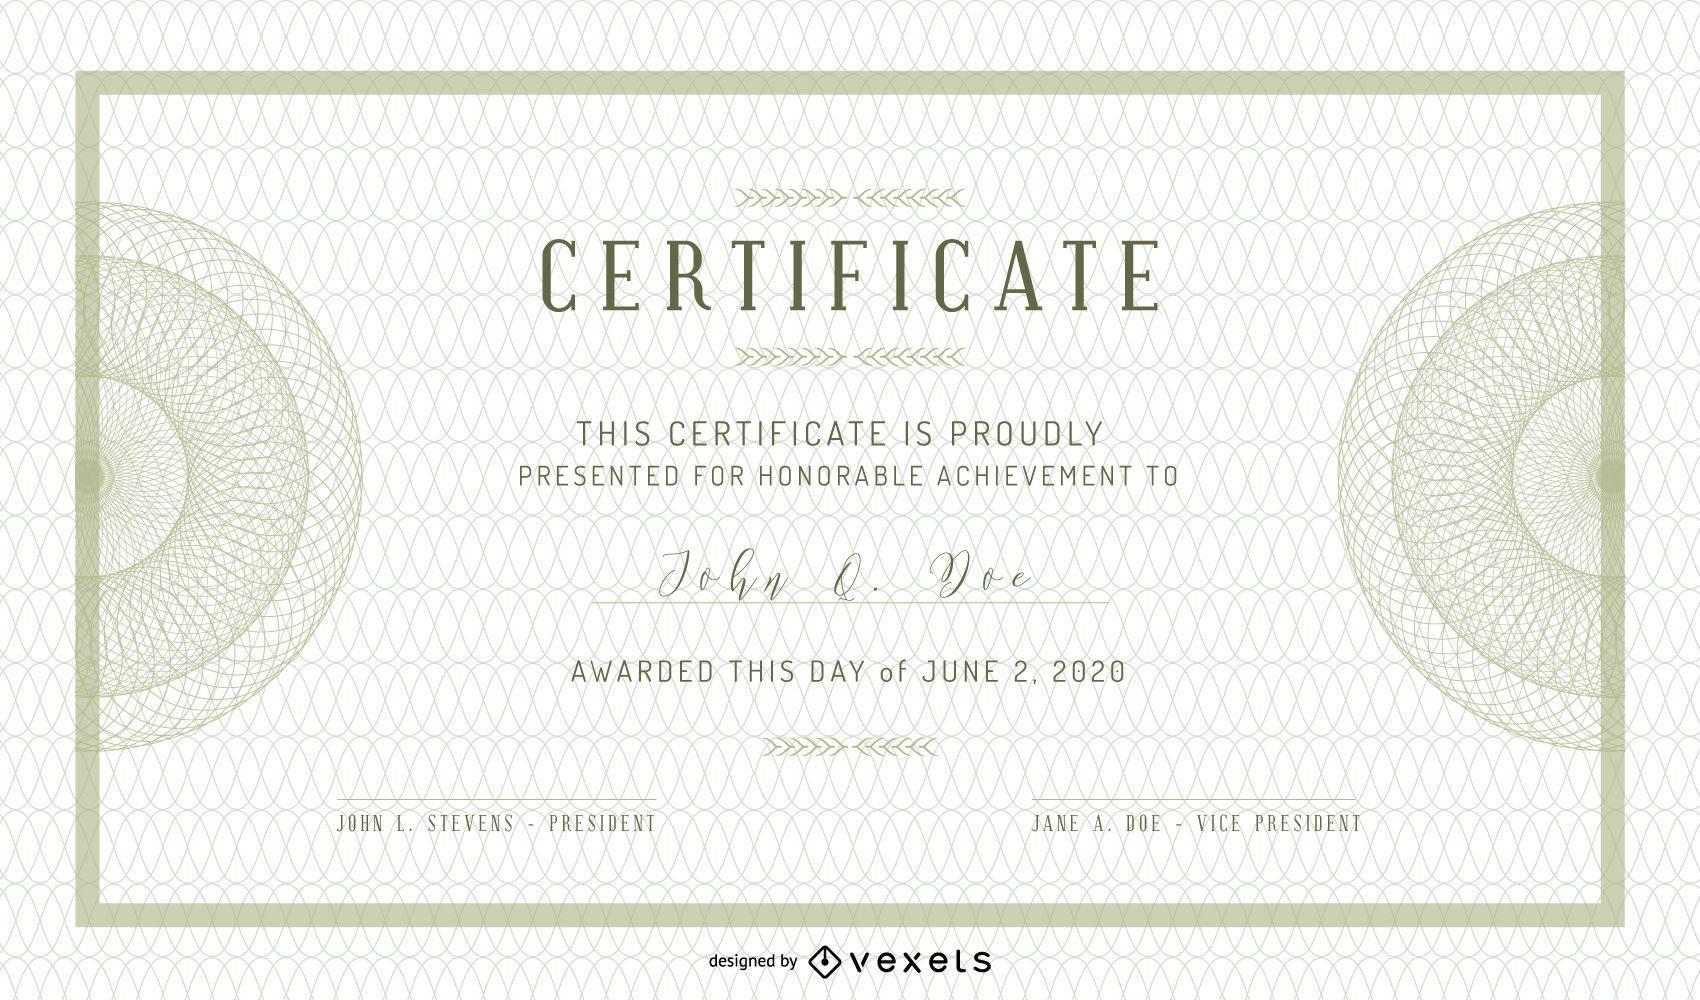 Plantilla de diseño de certificado de diploma